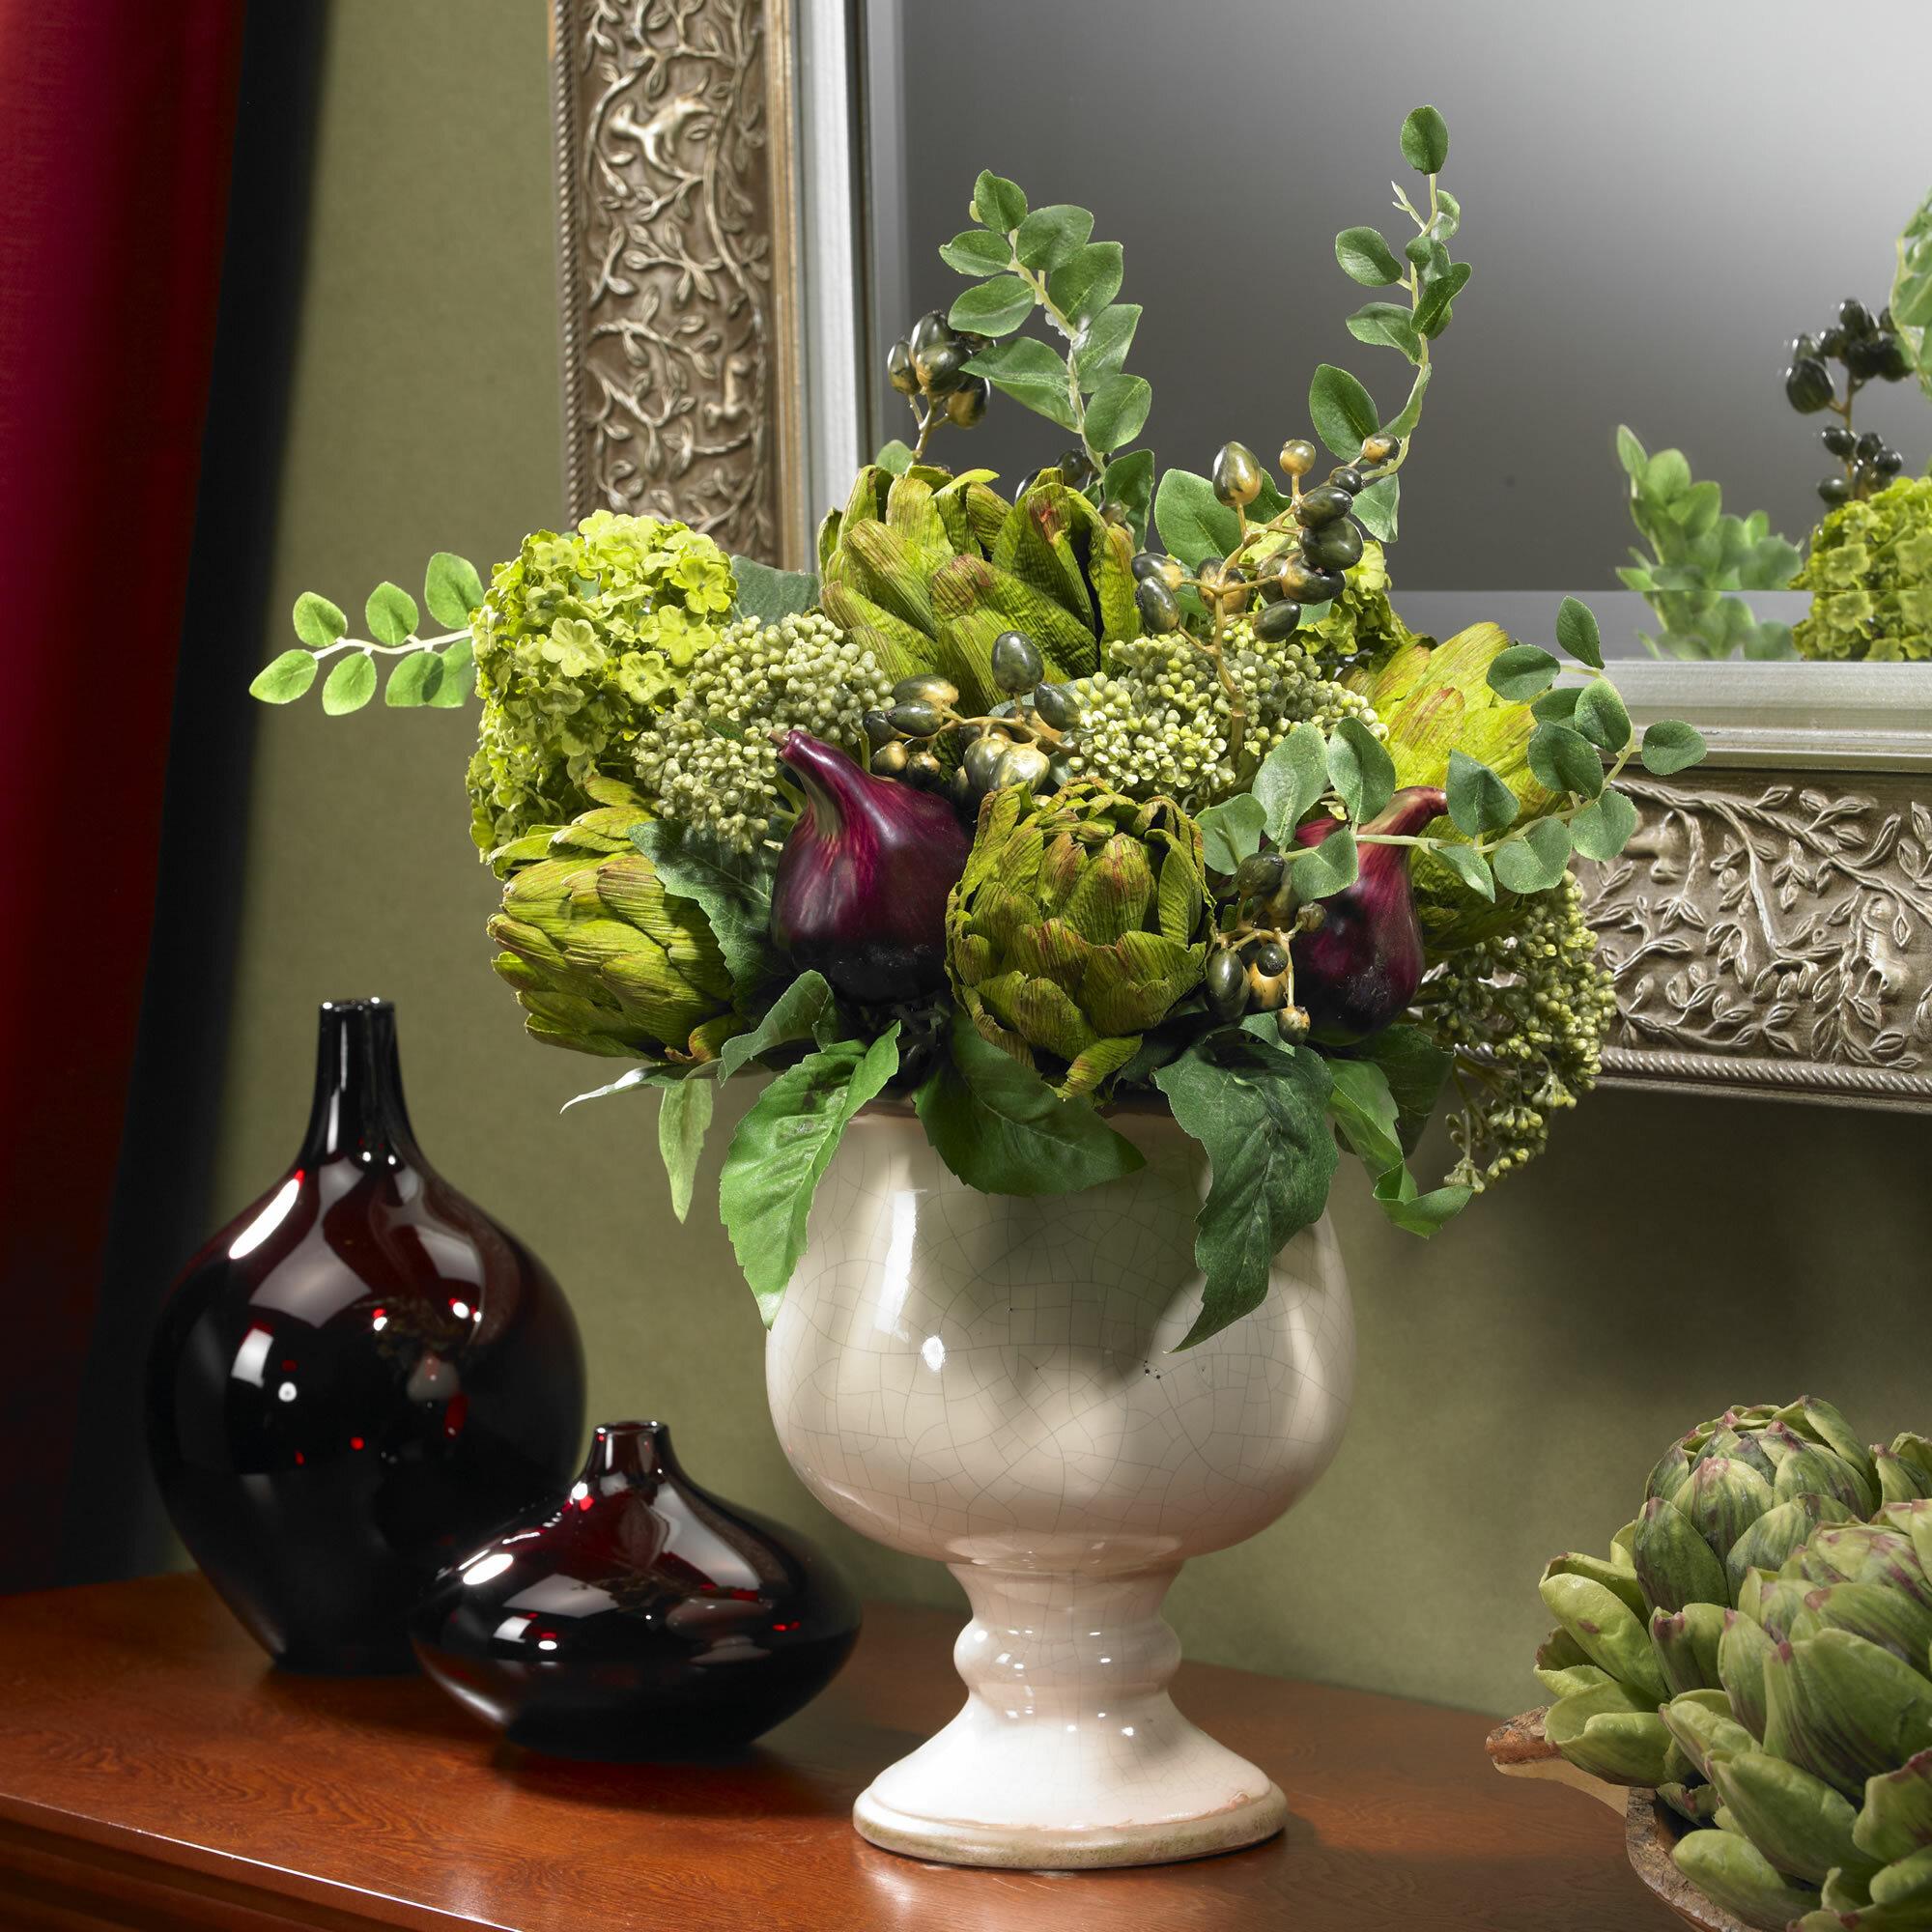 Alcott Hill Artichoke And Hydrangea Silk Centerpiece In Decorative